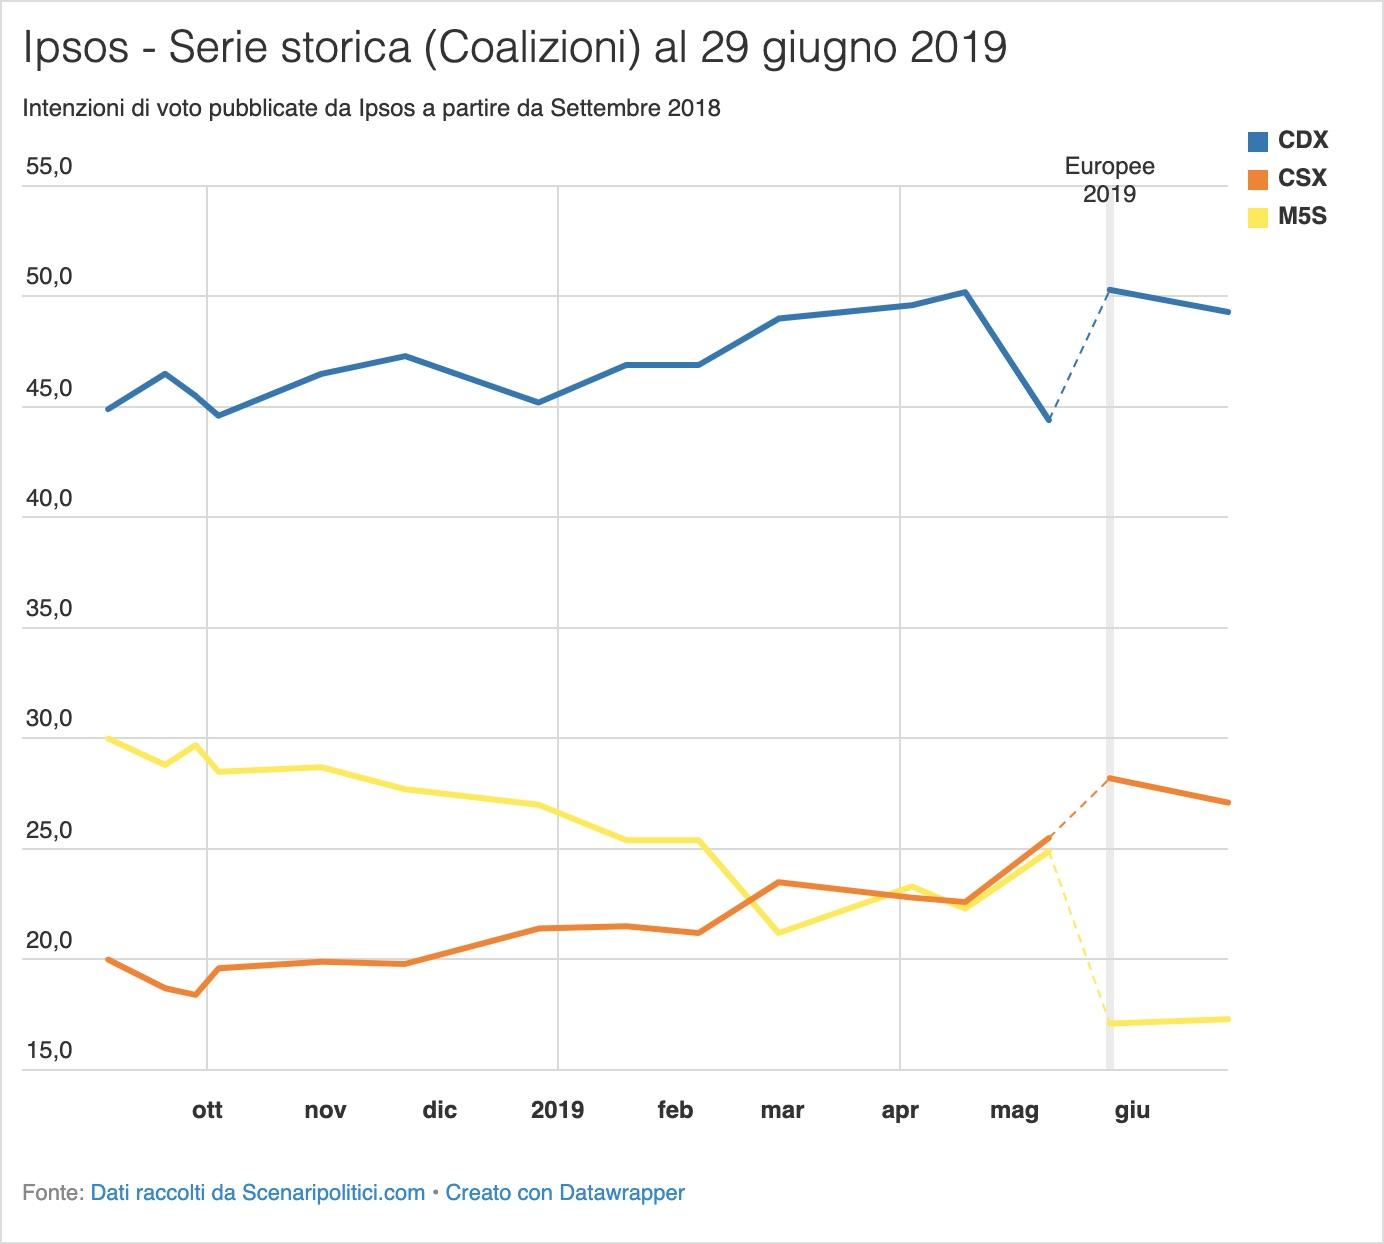 Sondaggio Ipsos 29 giugno 2019